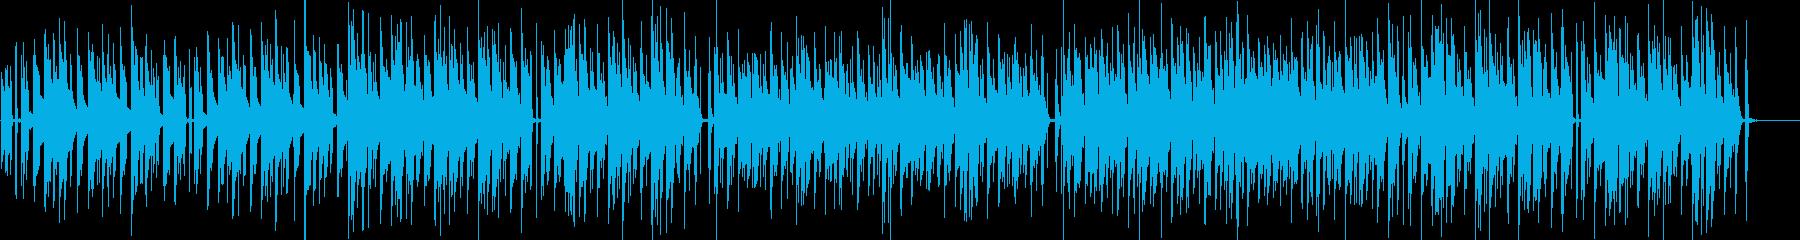 JAZZ・ジャズ・ピアノ・お茶会・カフェの再生済みの波形